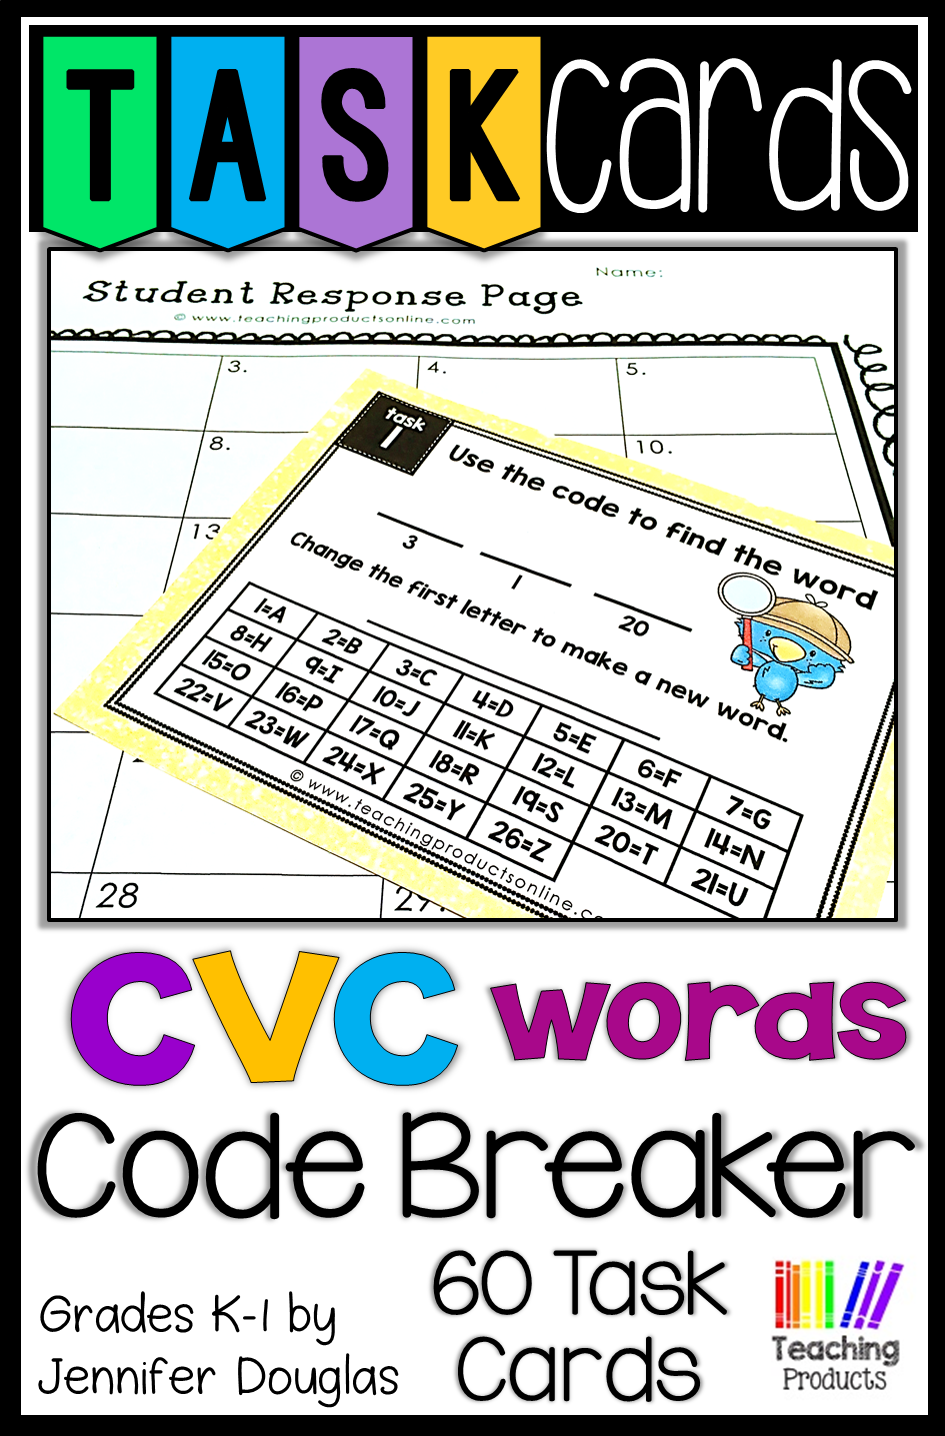 Task Cards Cvc Code Breakers Task Cards Teacher Material Teaching